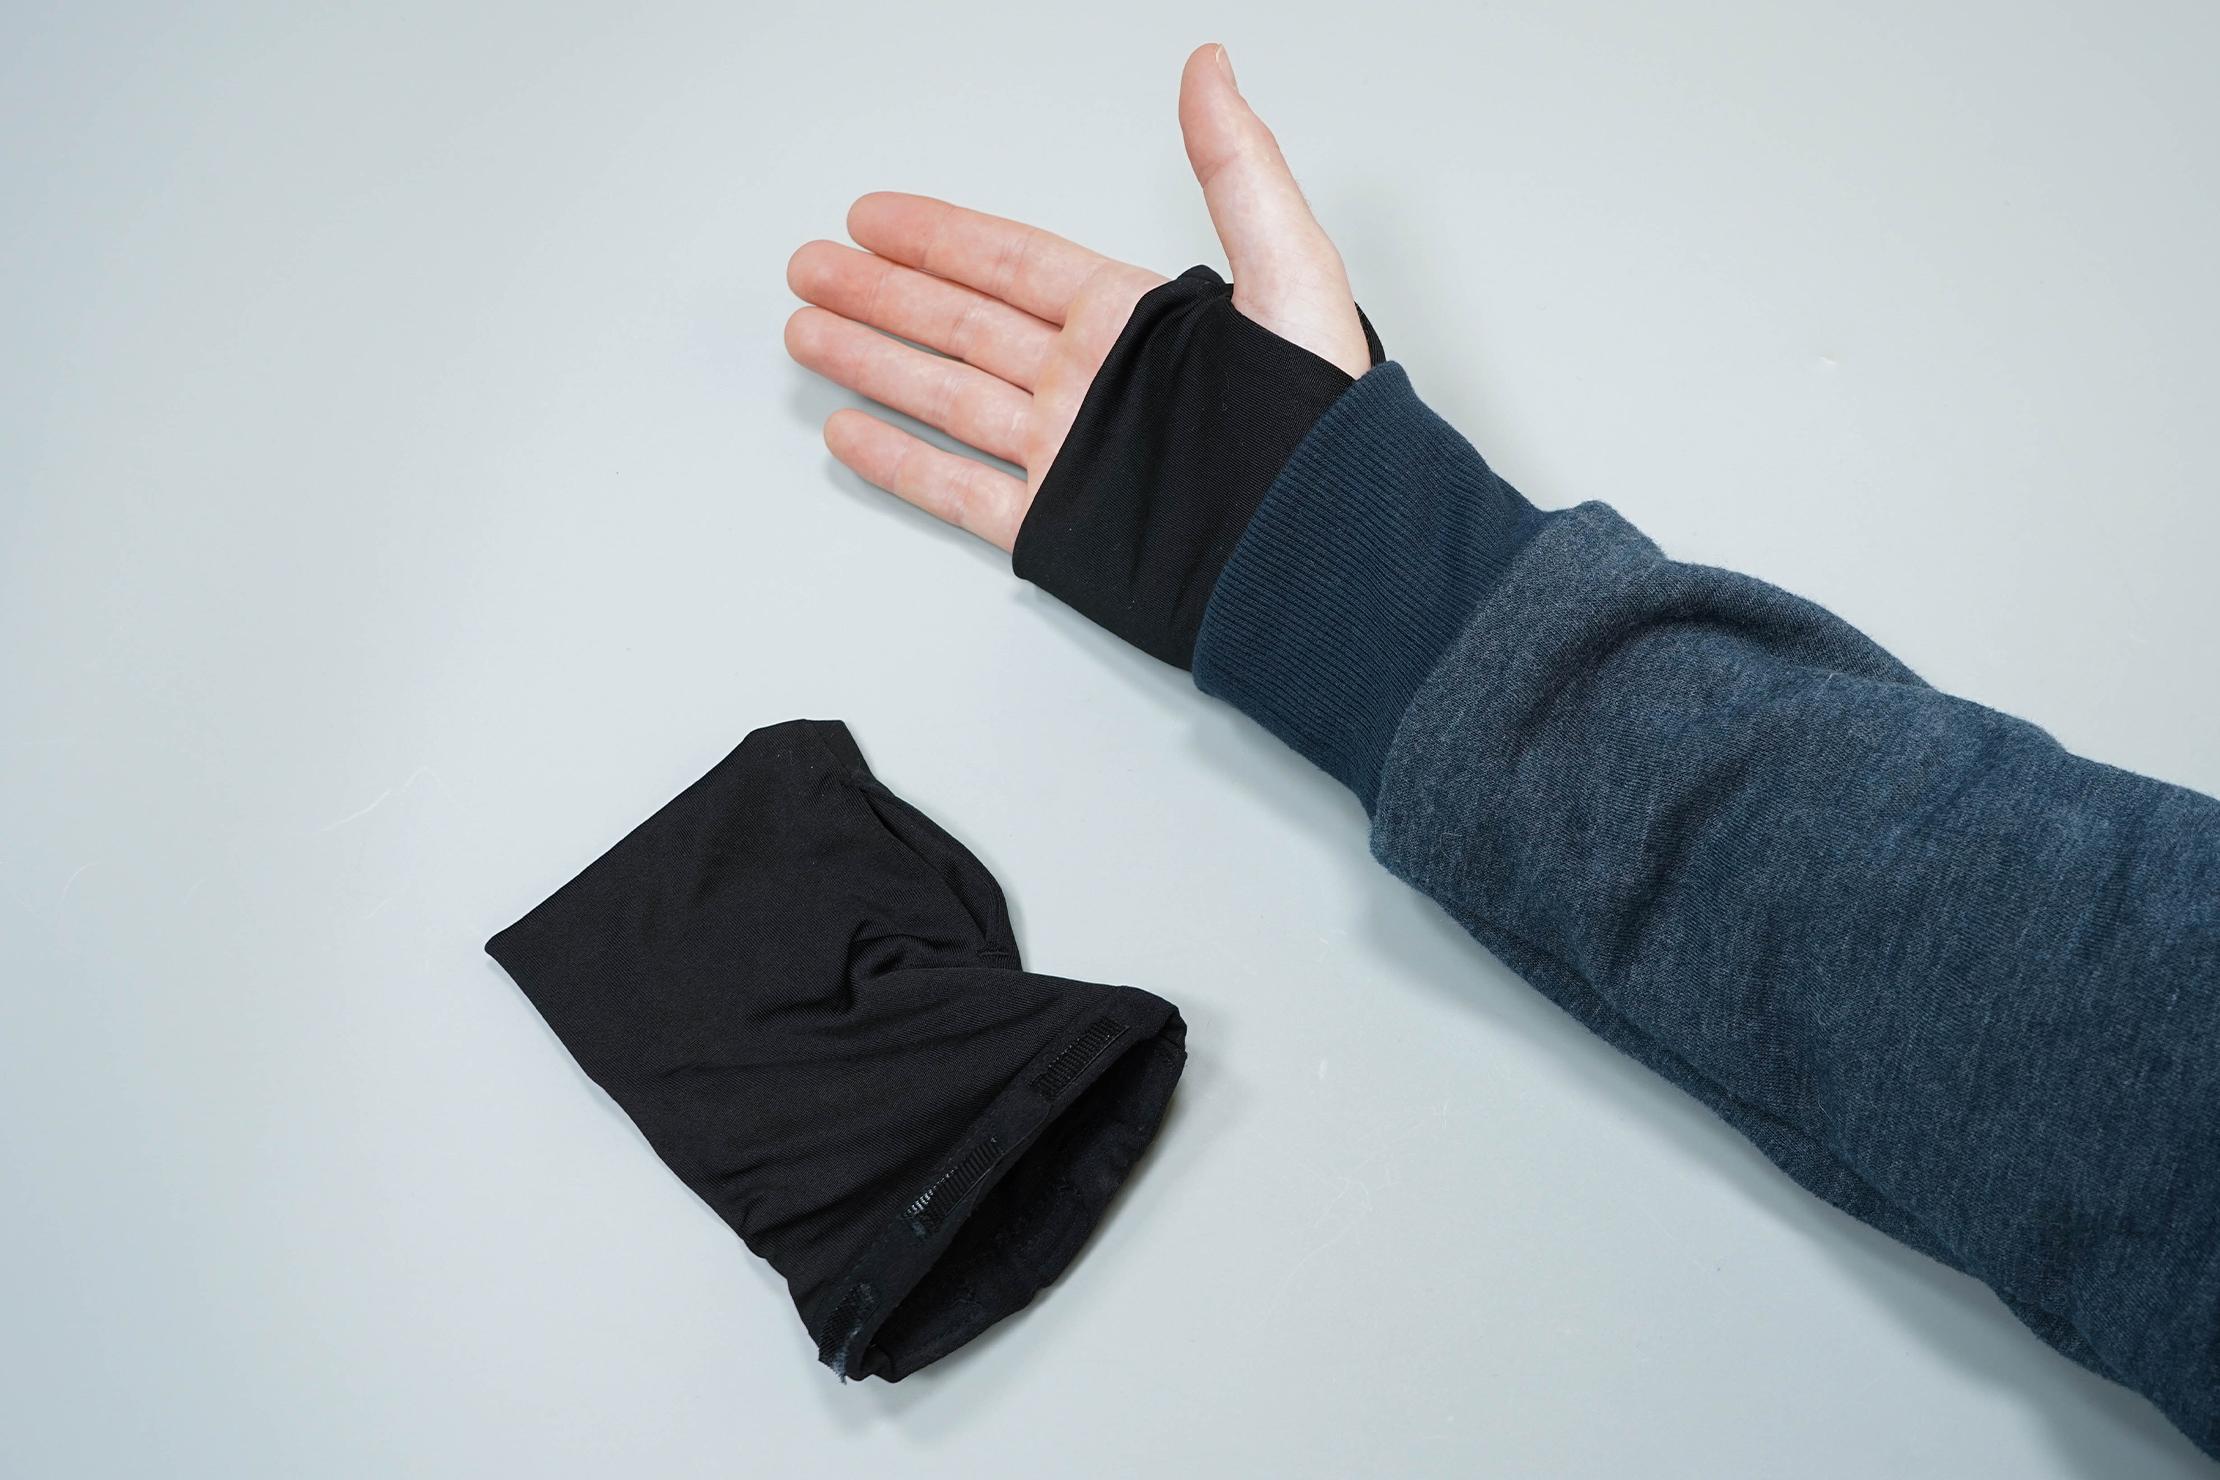 BauBax Sweatshirt 2.0 Gloves